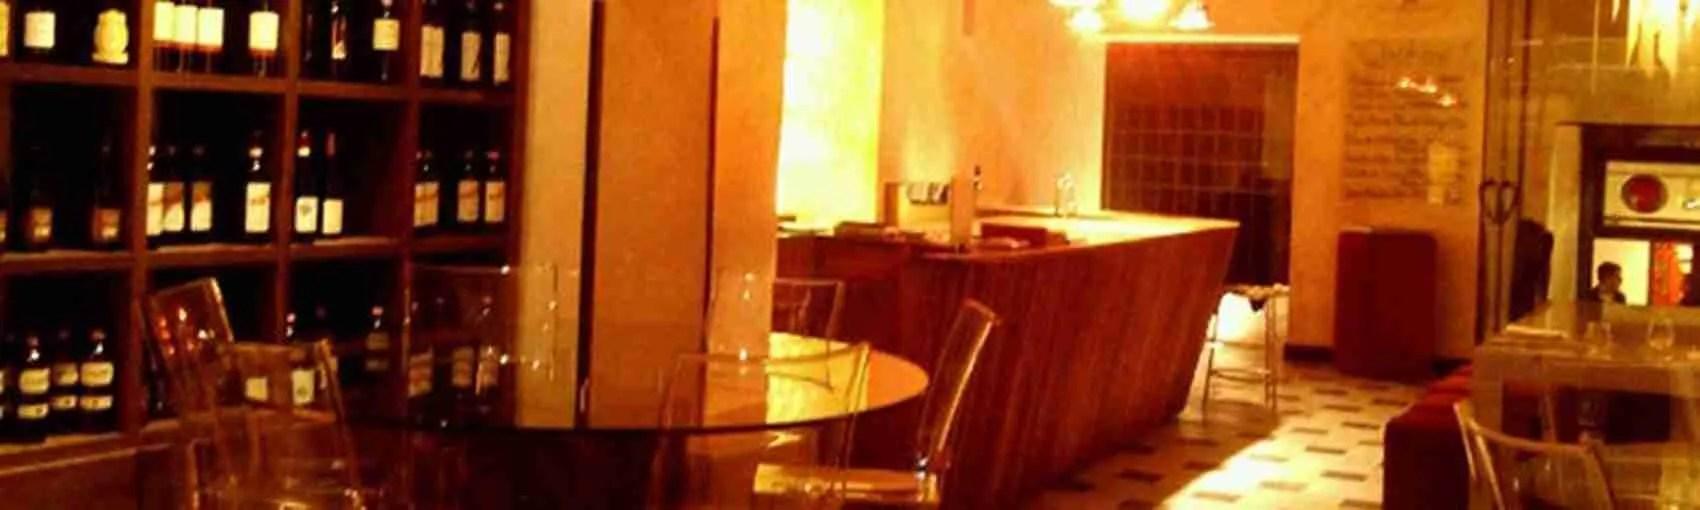 Per una cena perfetta in compagnia di una escort a Genova scegli il Ristorante Ippogrifo.